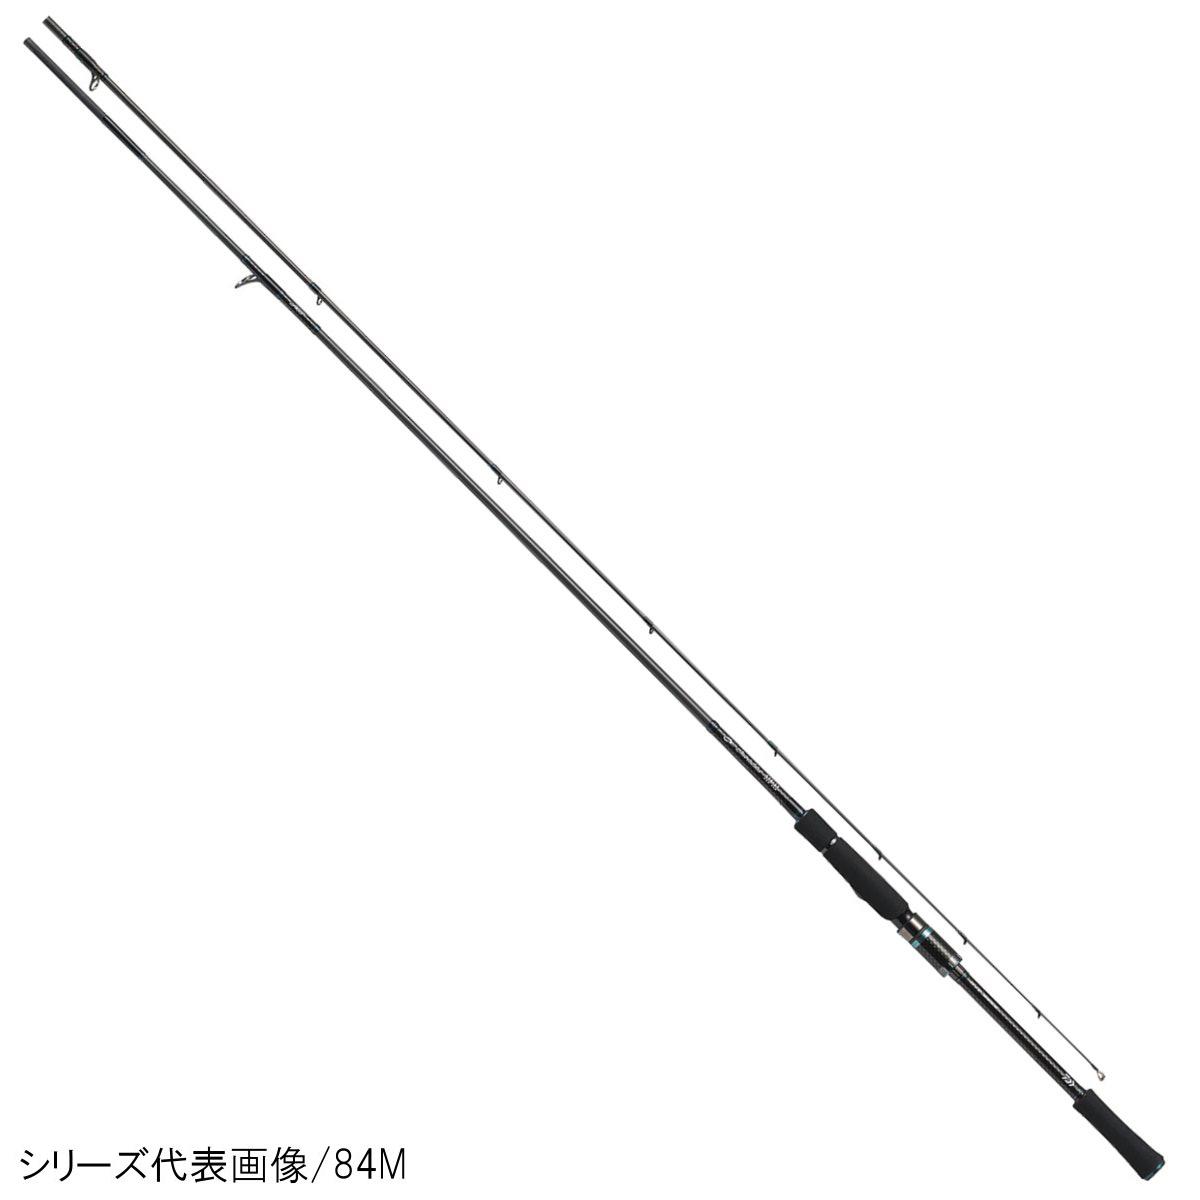 ダイワ エメラルダス STOIST AGS 82MHH【送料無料】